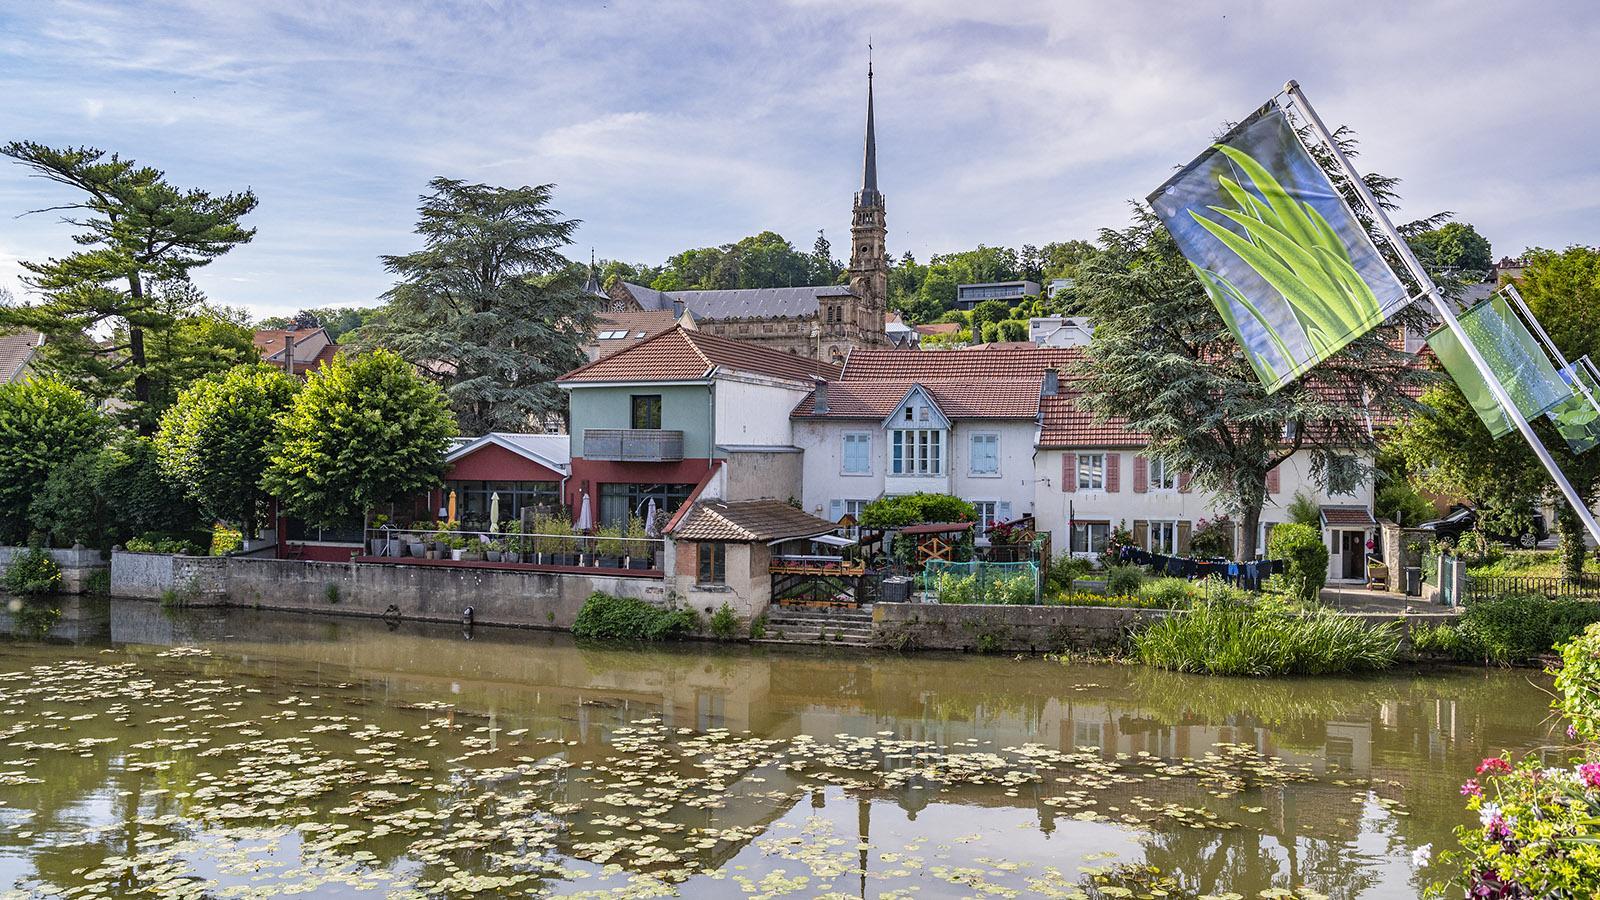 Blick auf die katholische Stadtkirche vom Allan-Fluss aus. Foto: Hilke Maunder